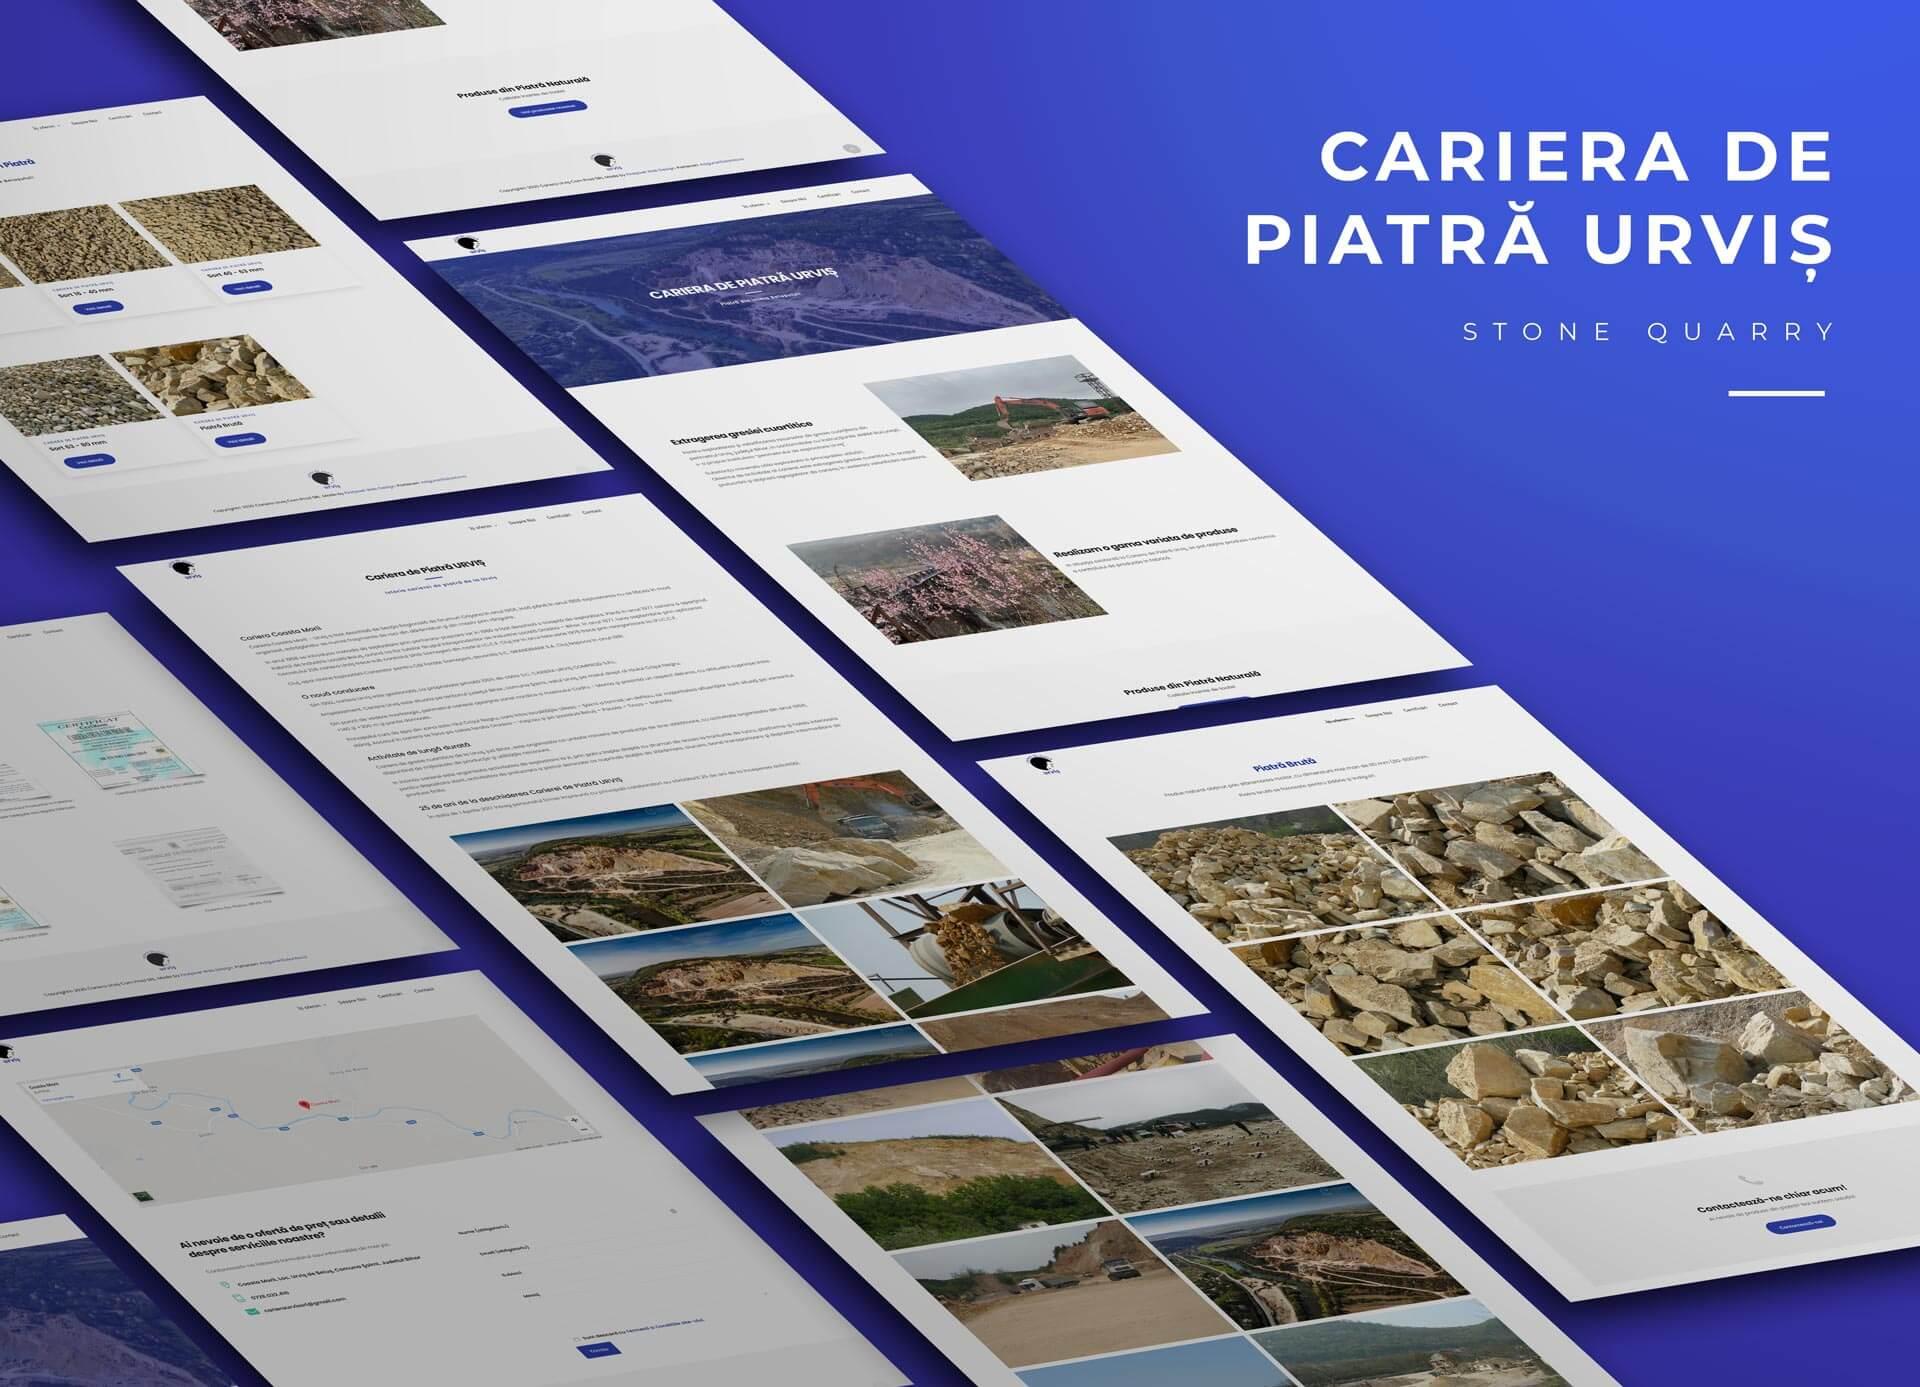 full-site-de-prezentare-cariera-de-piatra-urvis